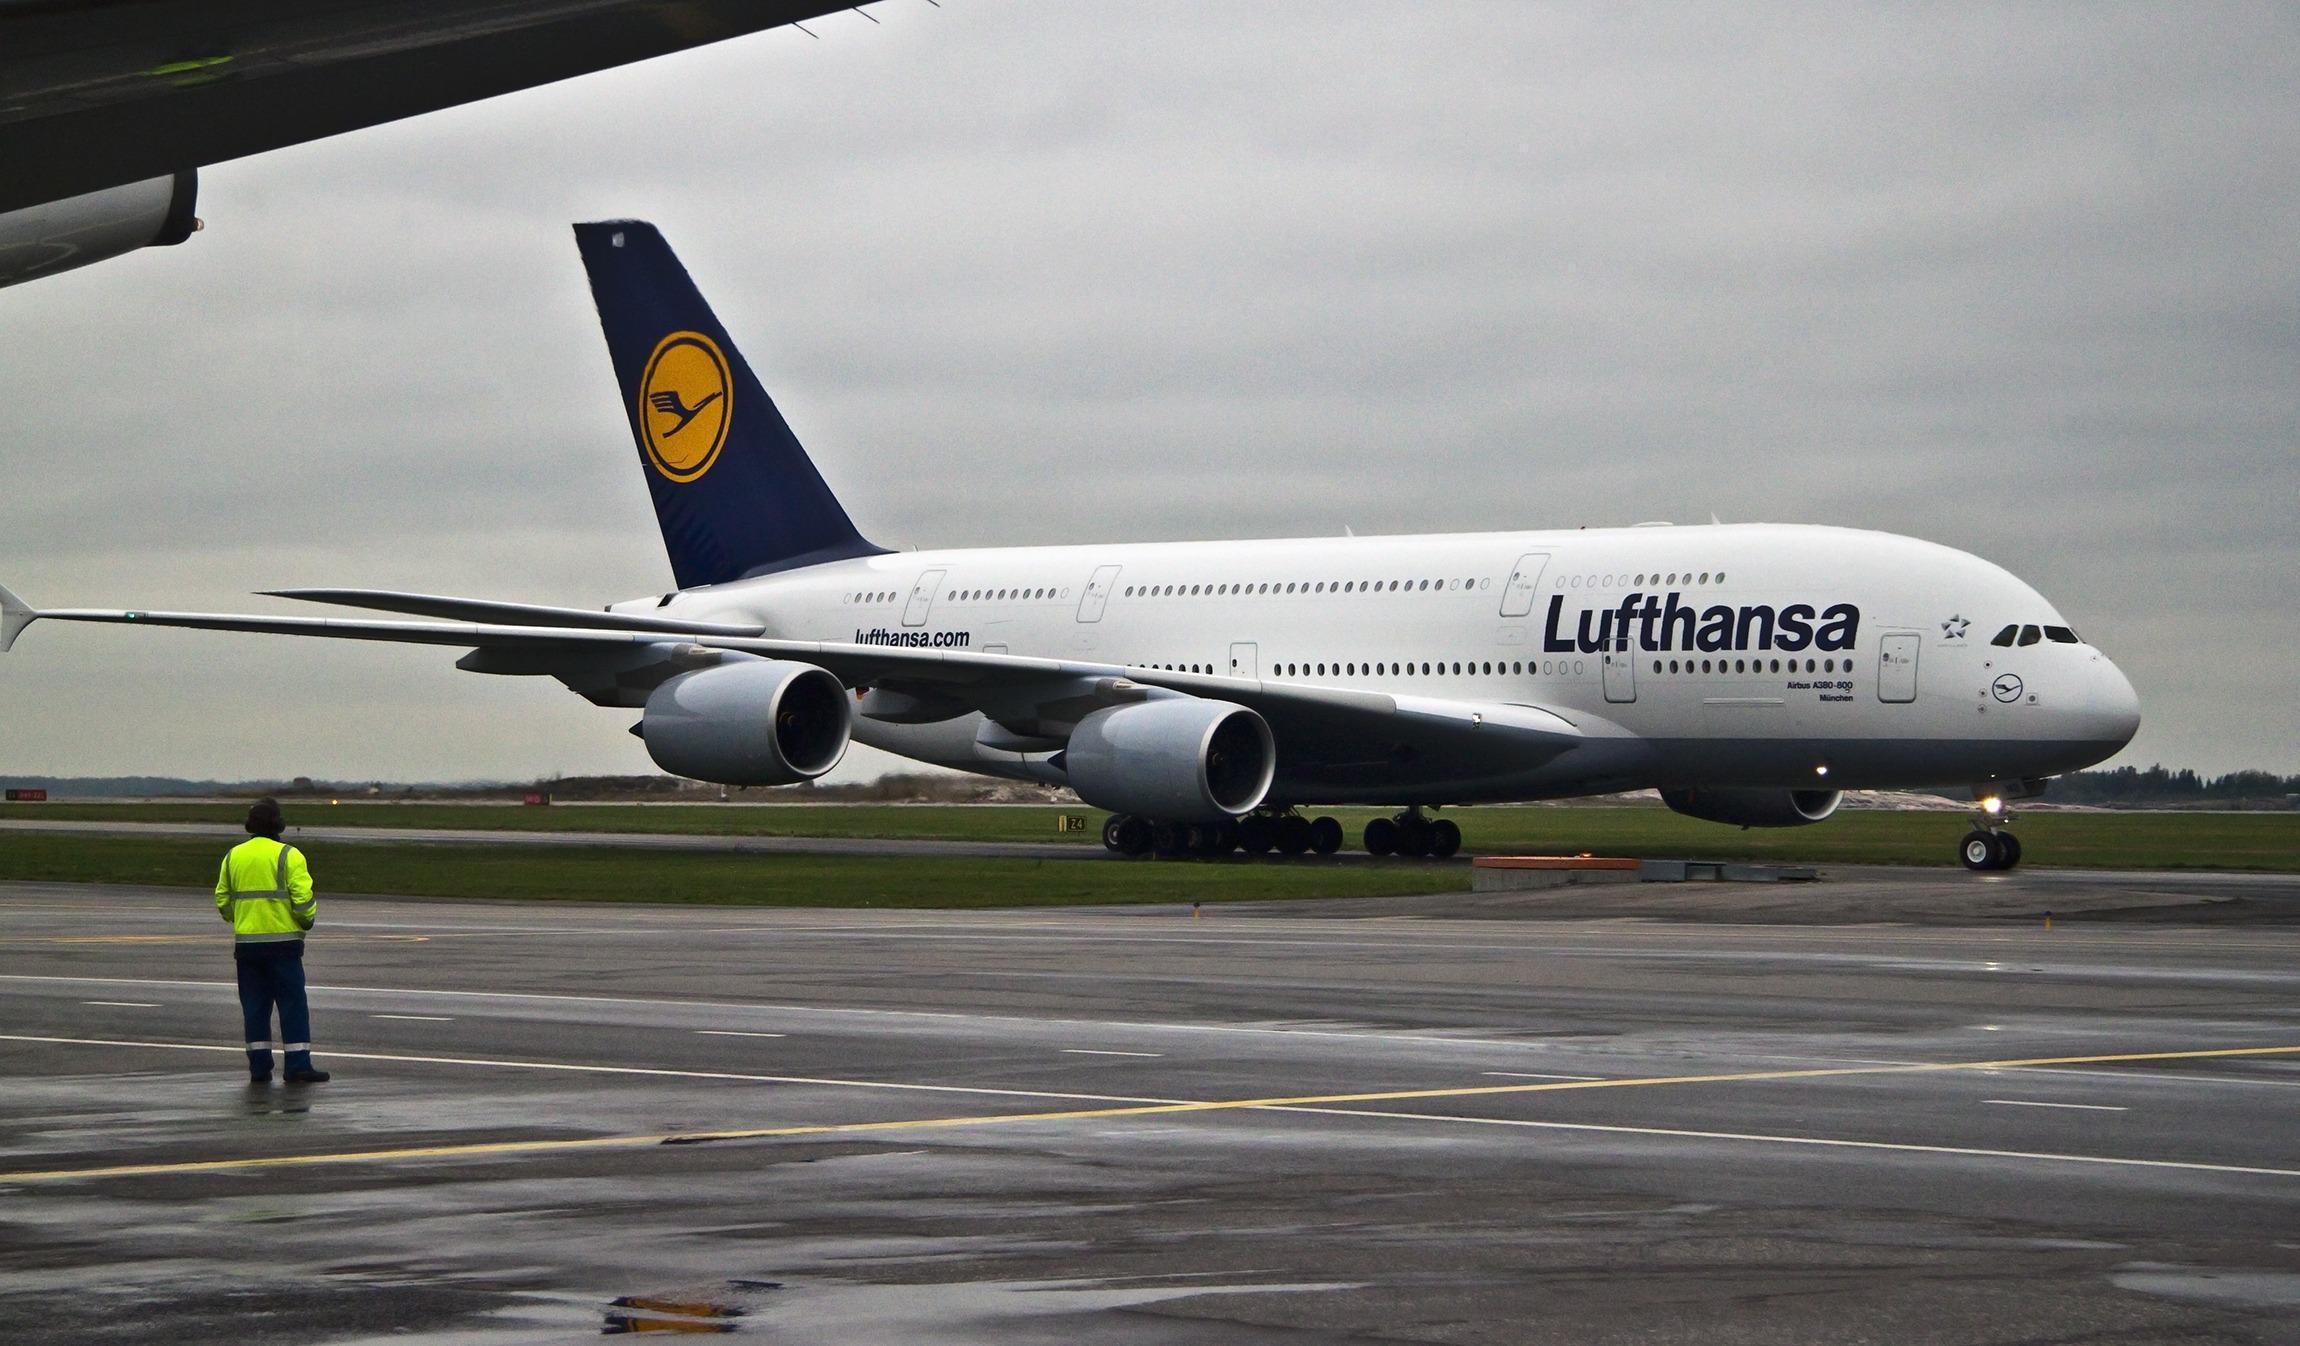 Unos 3.000 pasajeros al mes utilizan el enlace que  mantiene el aeropuerto de Noáin-Pamplona con el de Frankfurt.